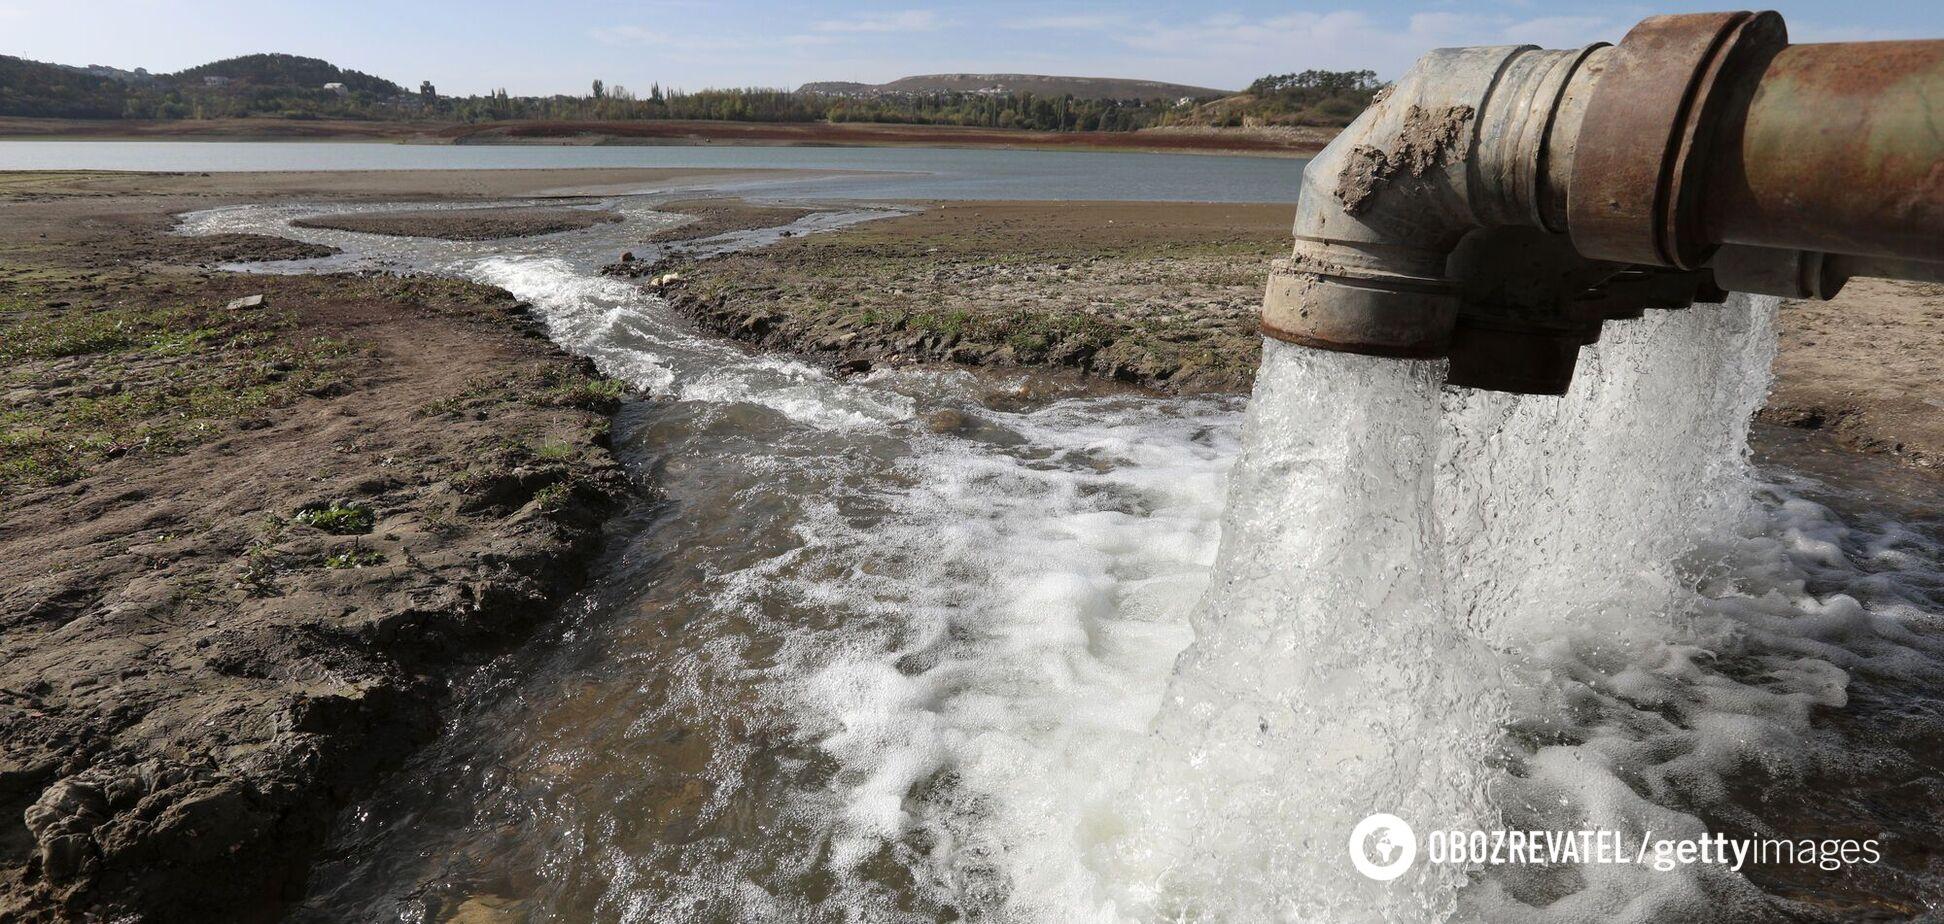 РФ нужно несколько лет для добычи воды на дне Азовского моря для Крыма, – эксперт